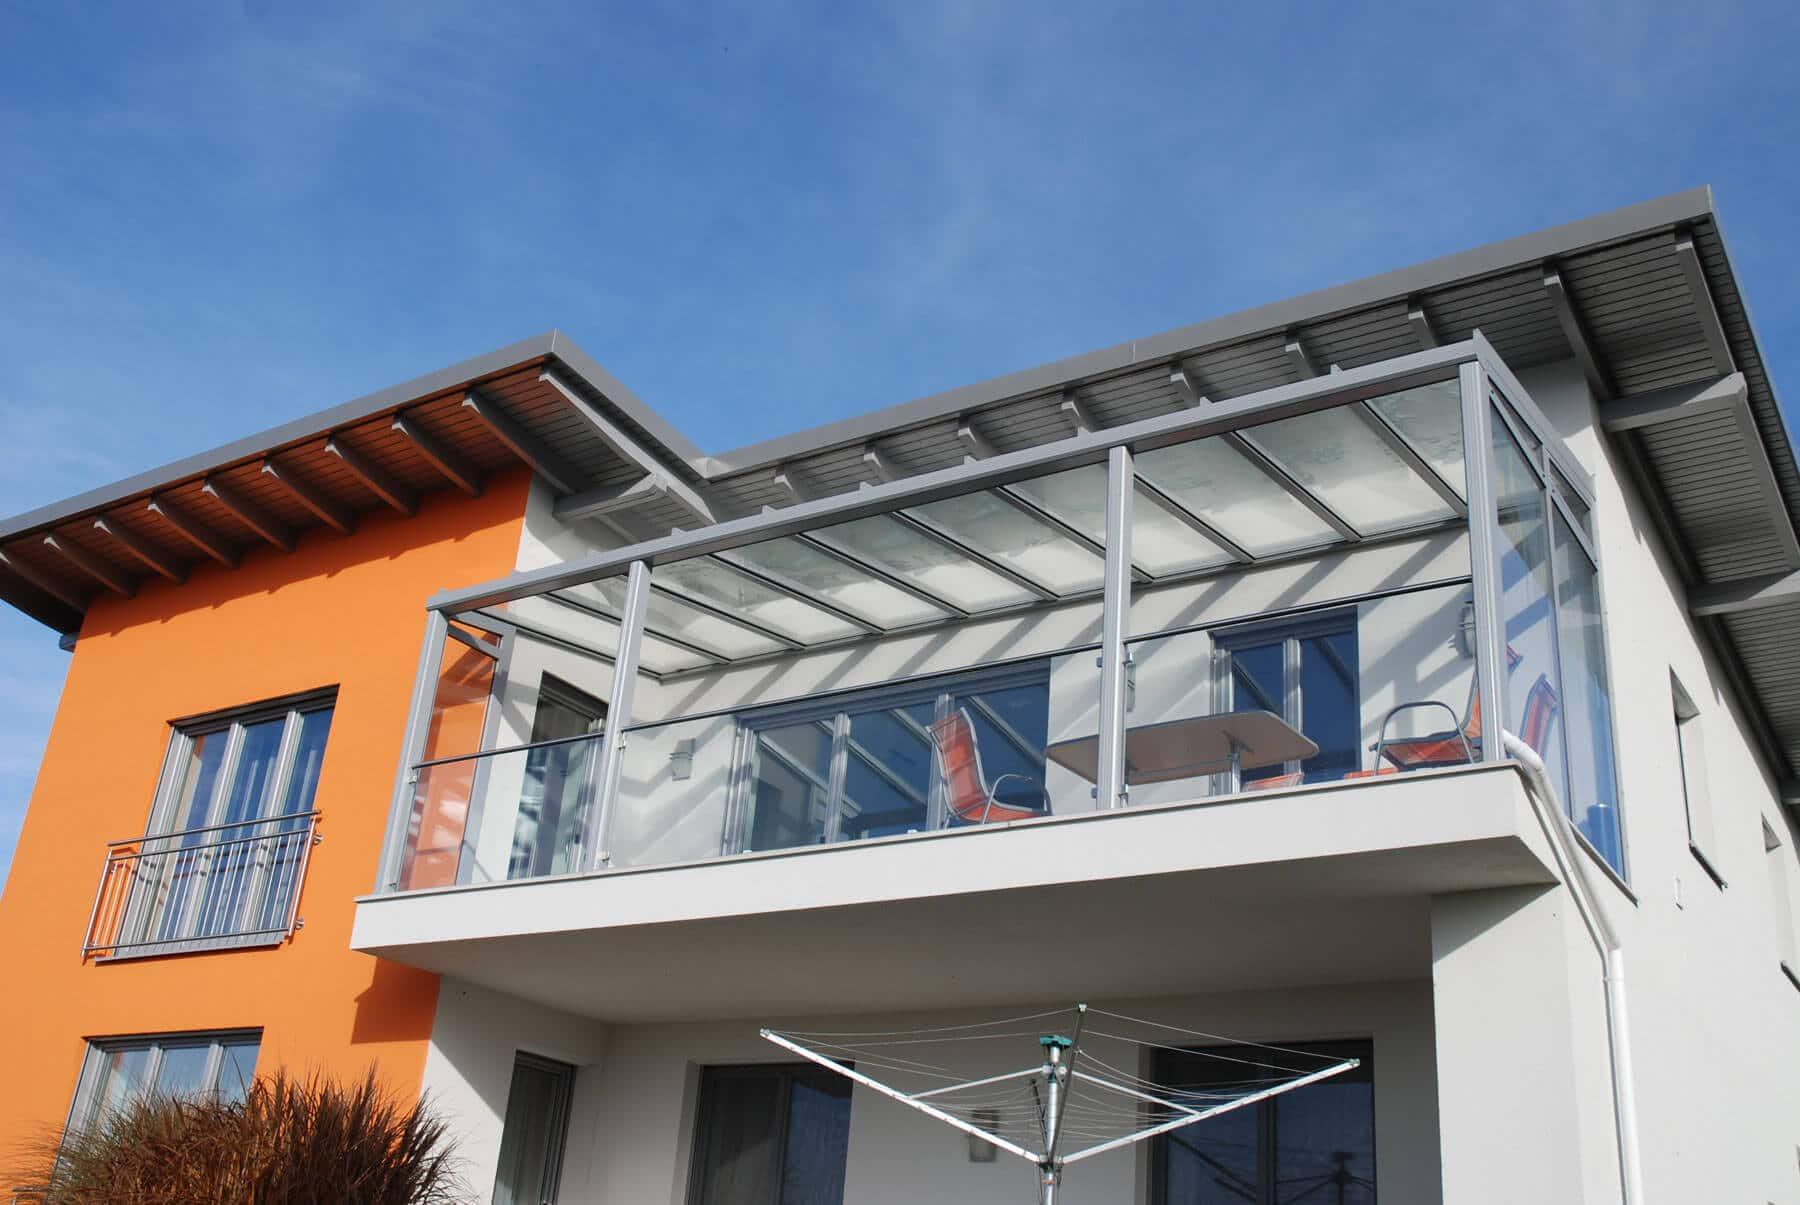 Schiebetur Terrasse Kosten Auf Anfrage 30855 Langenhagen